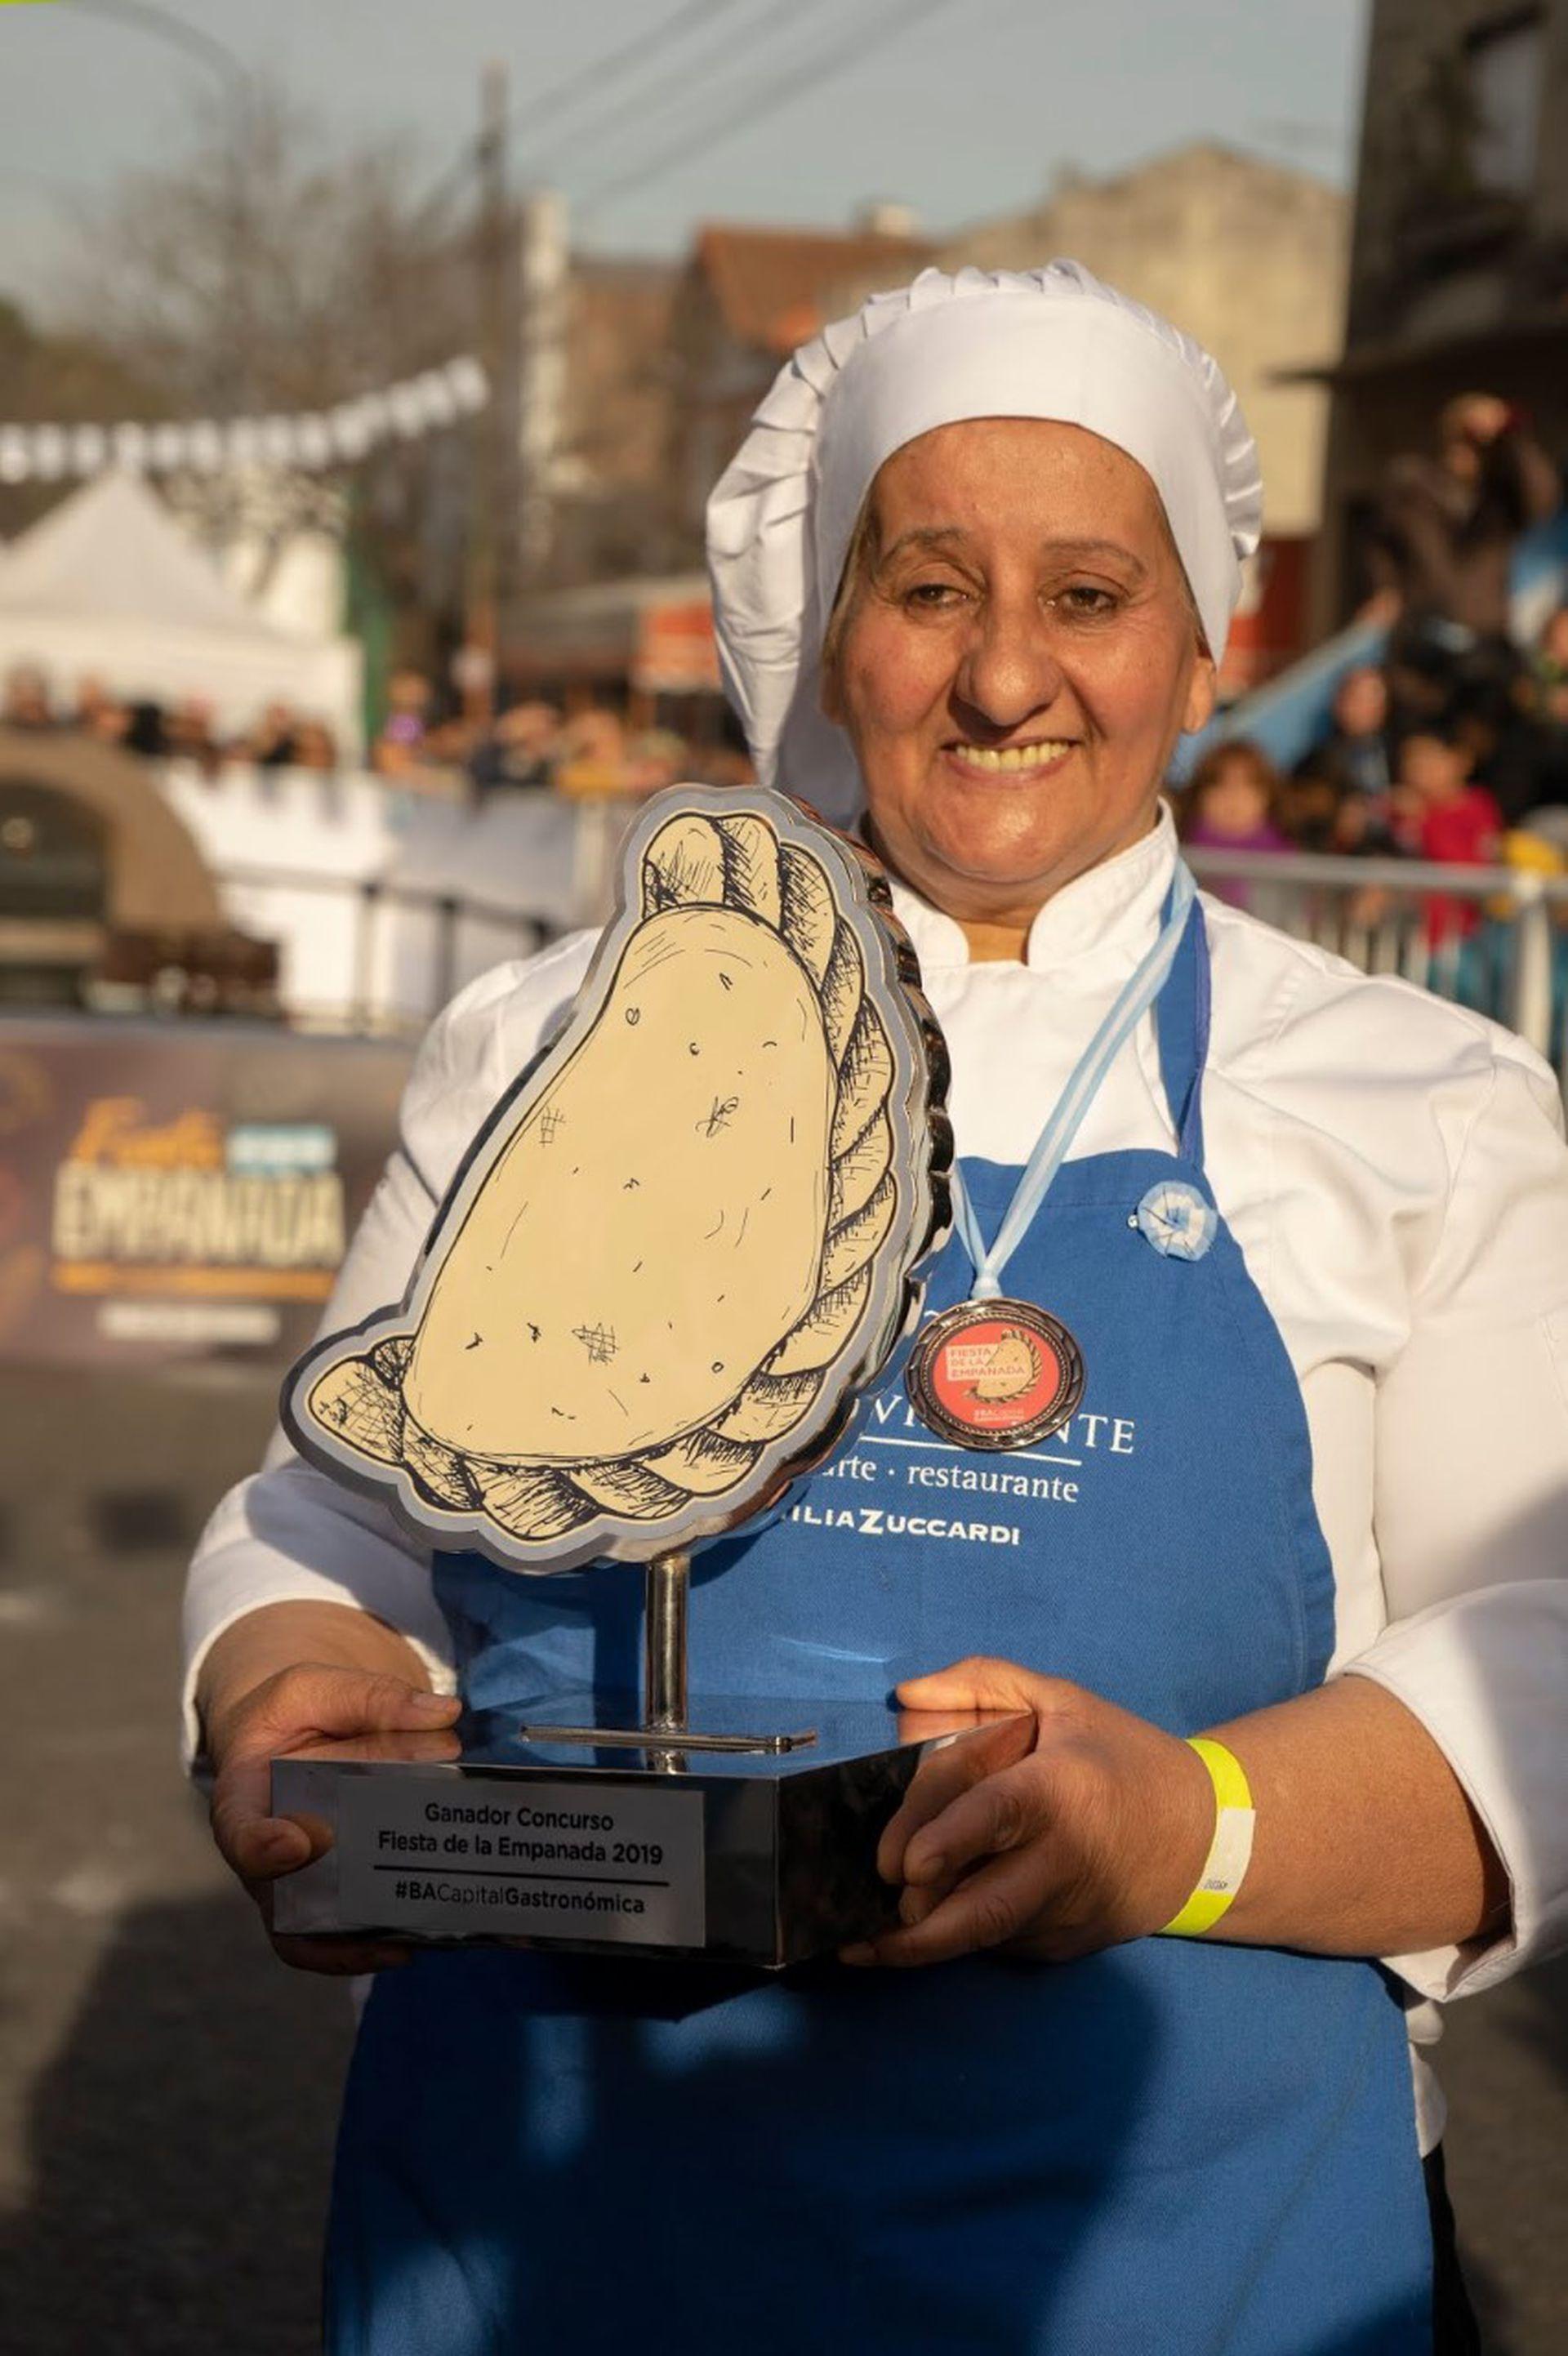 Con el trofeo que la coronó como la ganadora el 9 de julio de 2019. El podio lo logró compitiendo con otros 14 cocineros de distintas regiones del país.